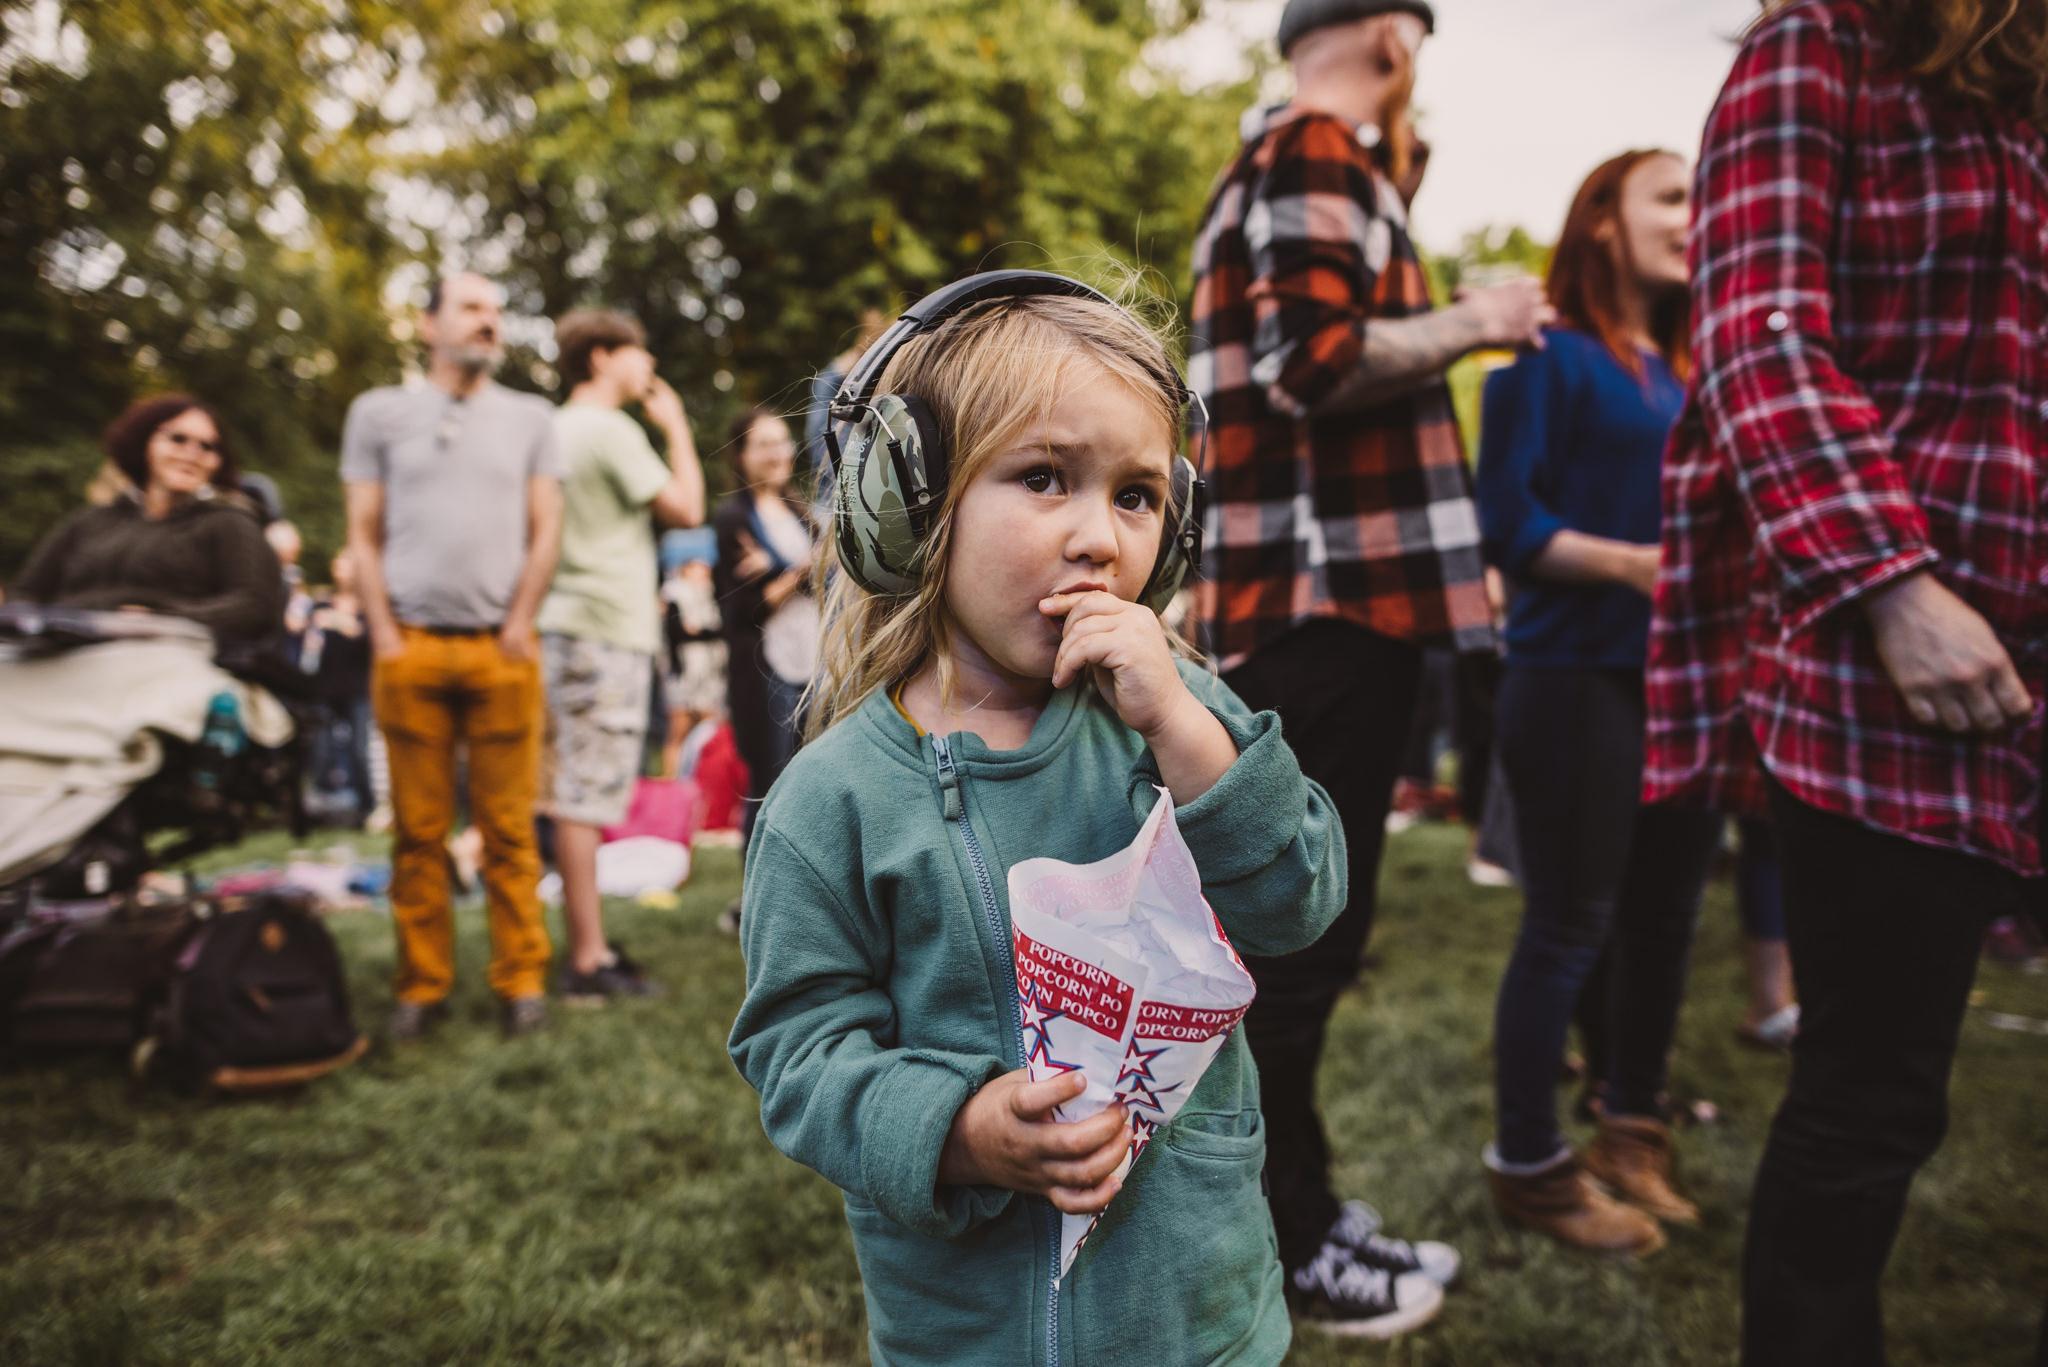 houtfestival-blog-4981.jpg